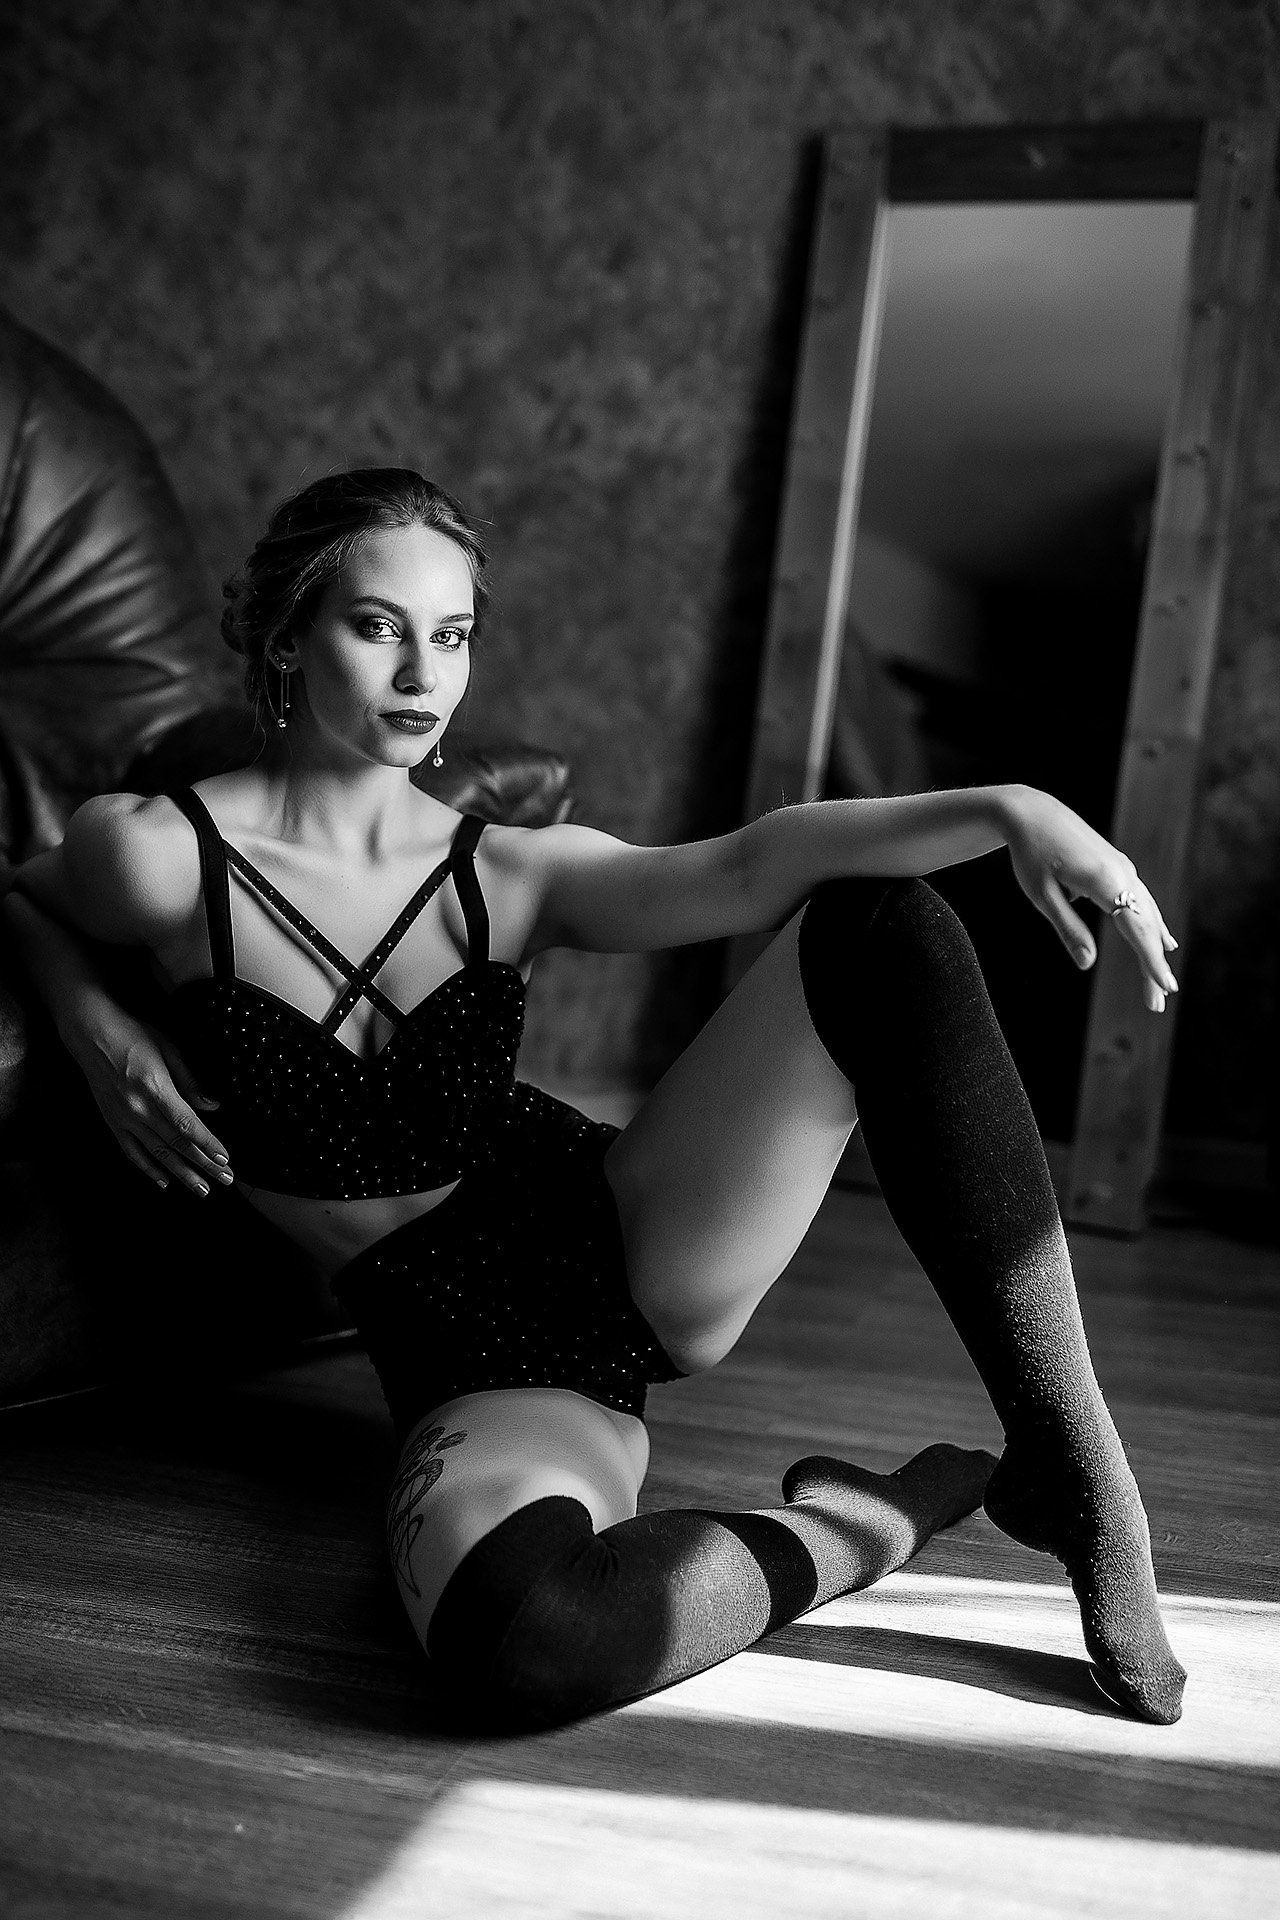 #portait #model #girl #портрет #модель #девушка #арт, Черников Алексей